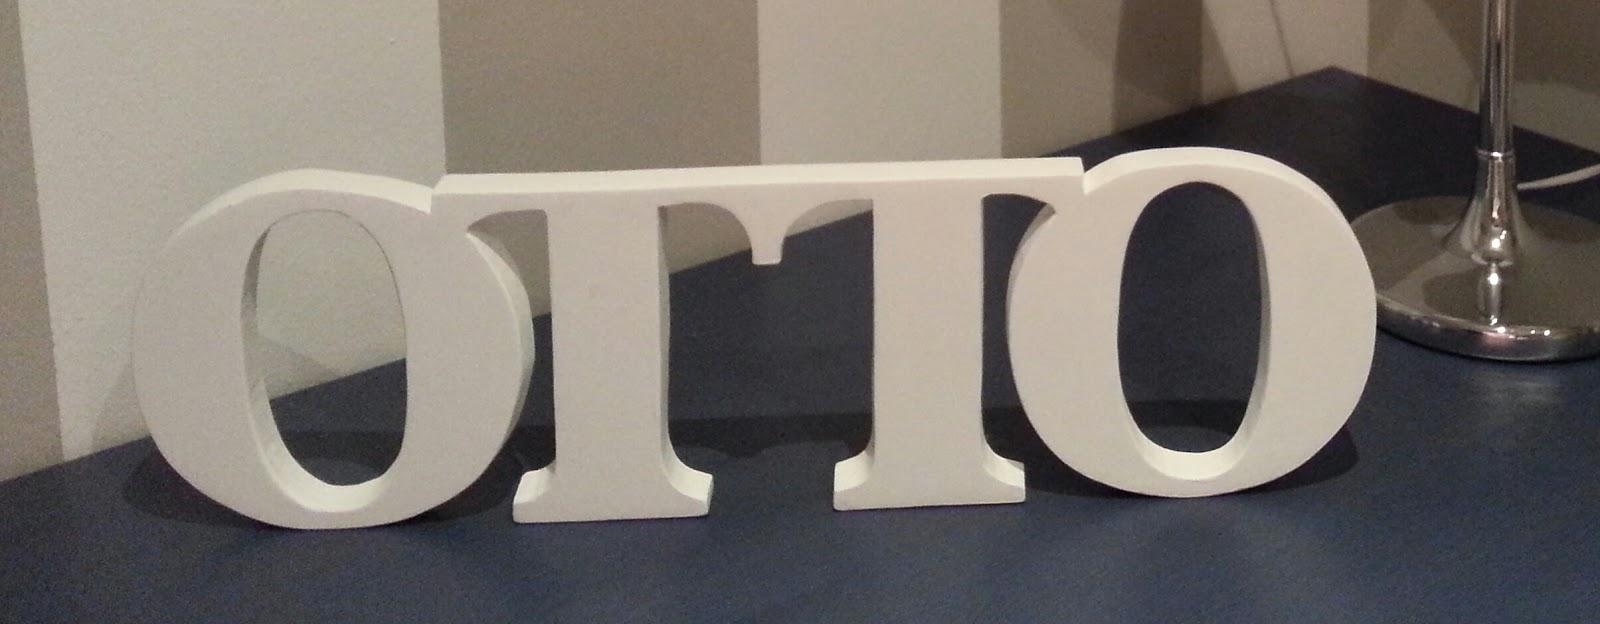 olga ha tenido la amabilidad de pasarnos estas fotos de las letras colocadas en su hogar